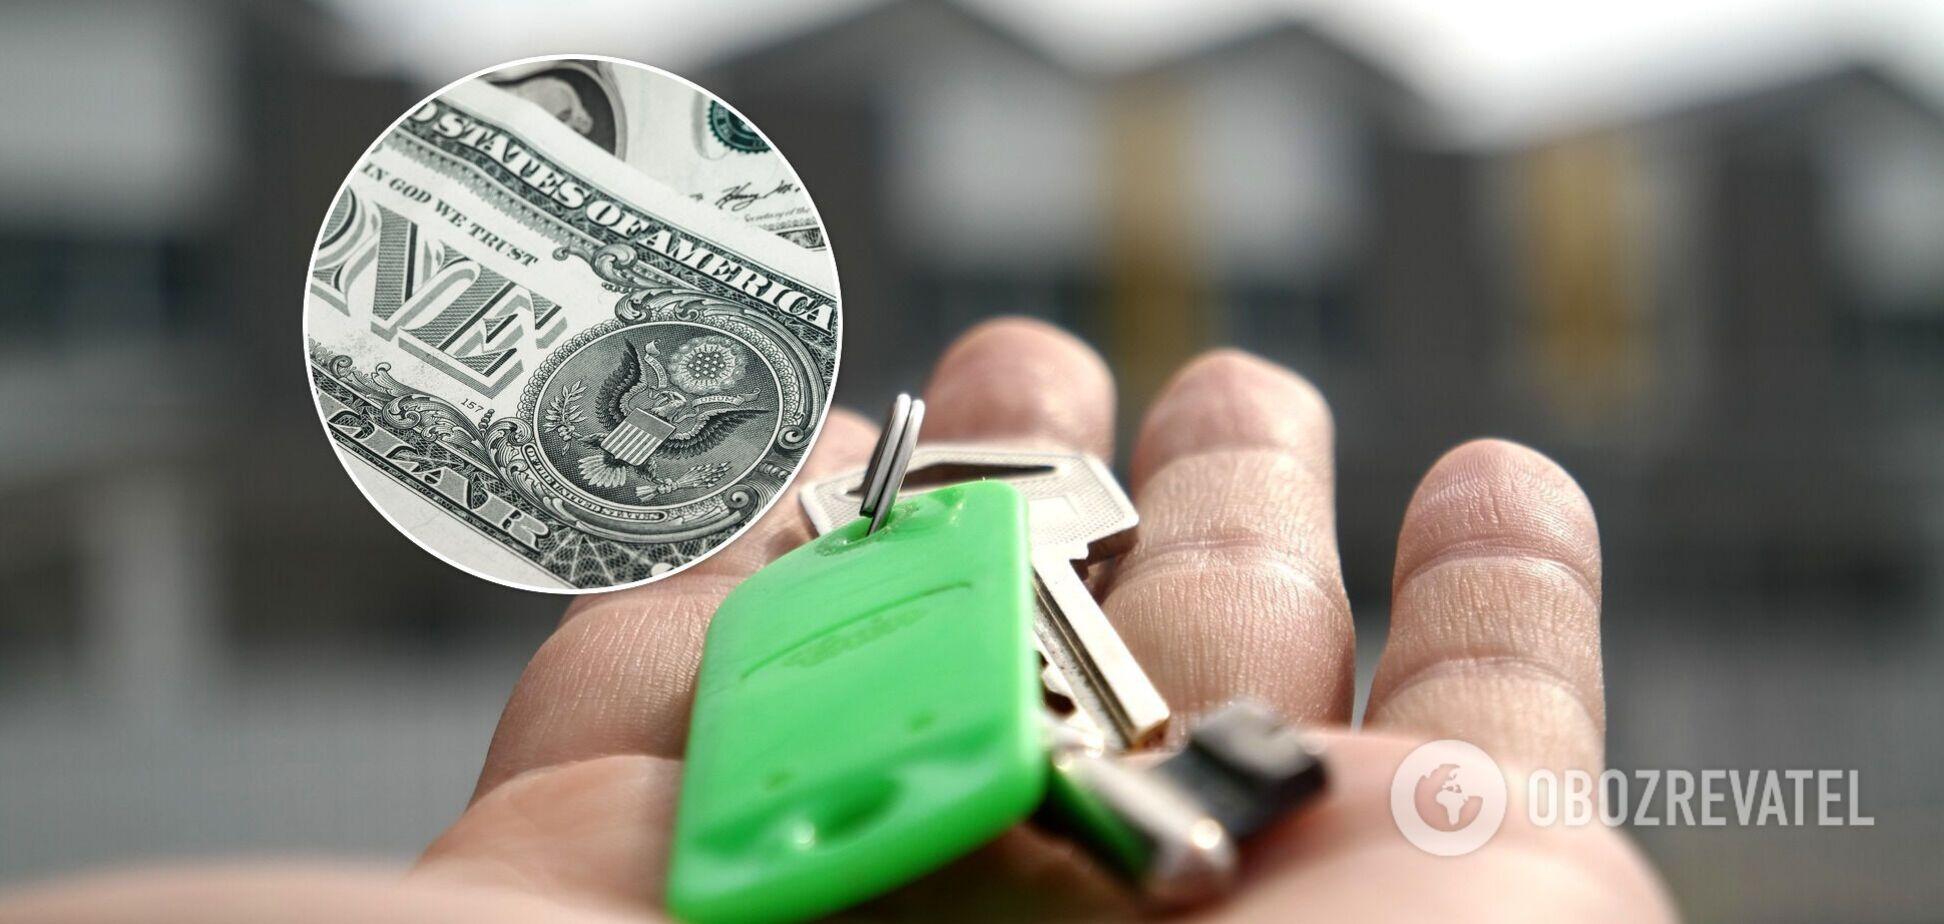 Цены на недвижимость в Киеве растут из-за покупкижилья гражданамиЕСи США, – эксперт